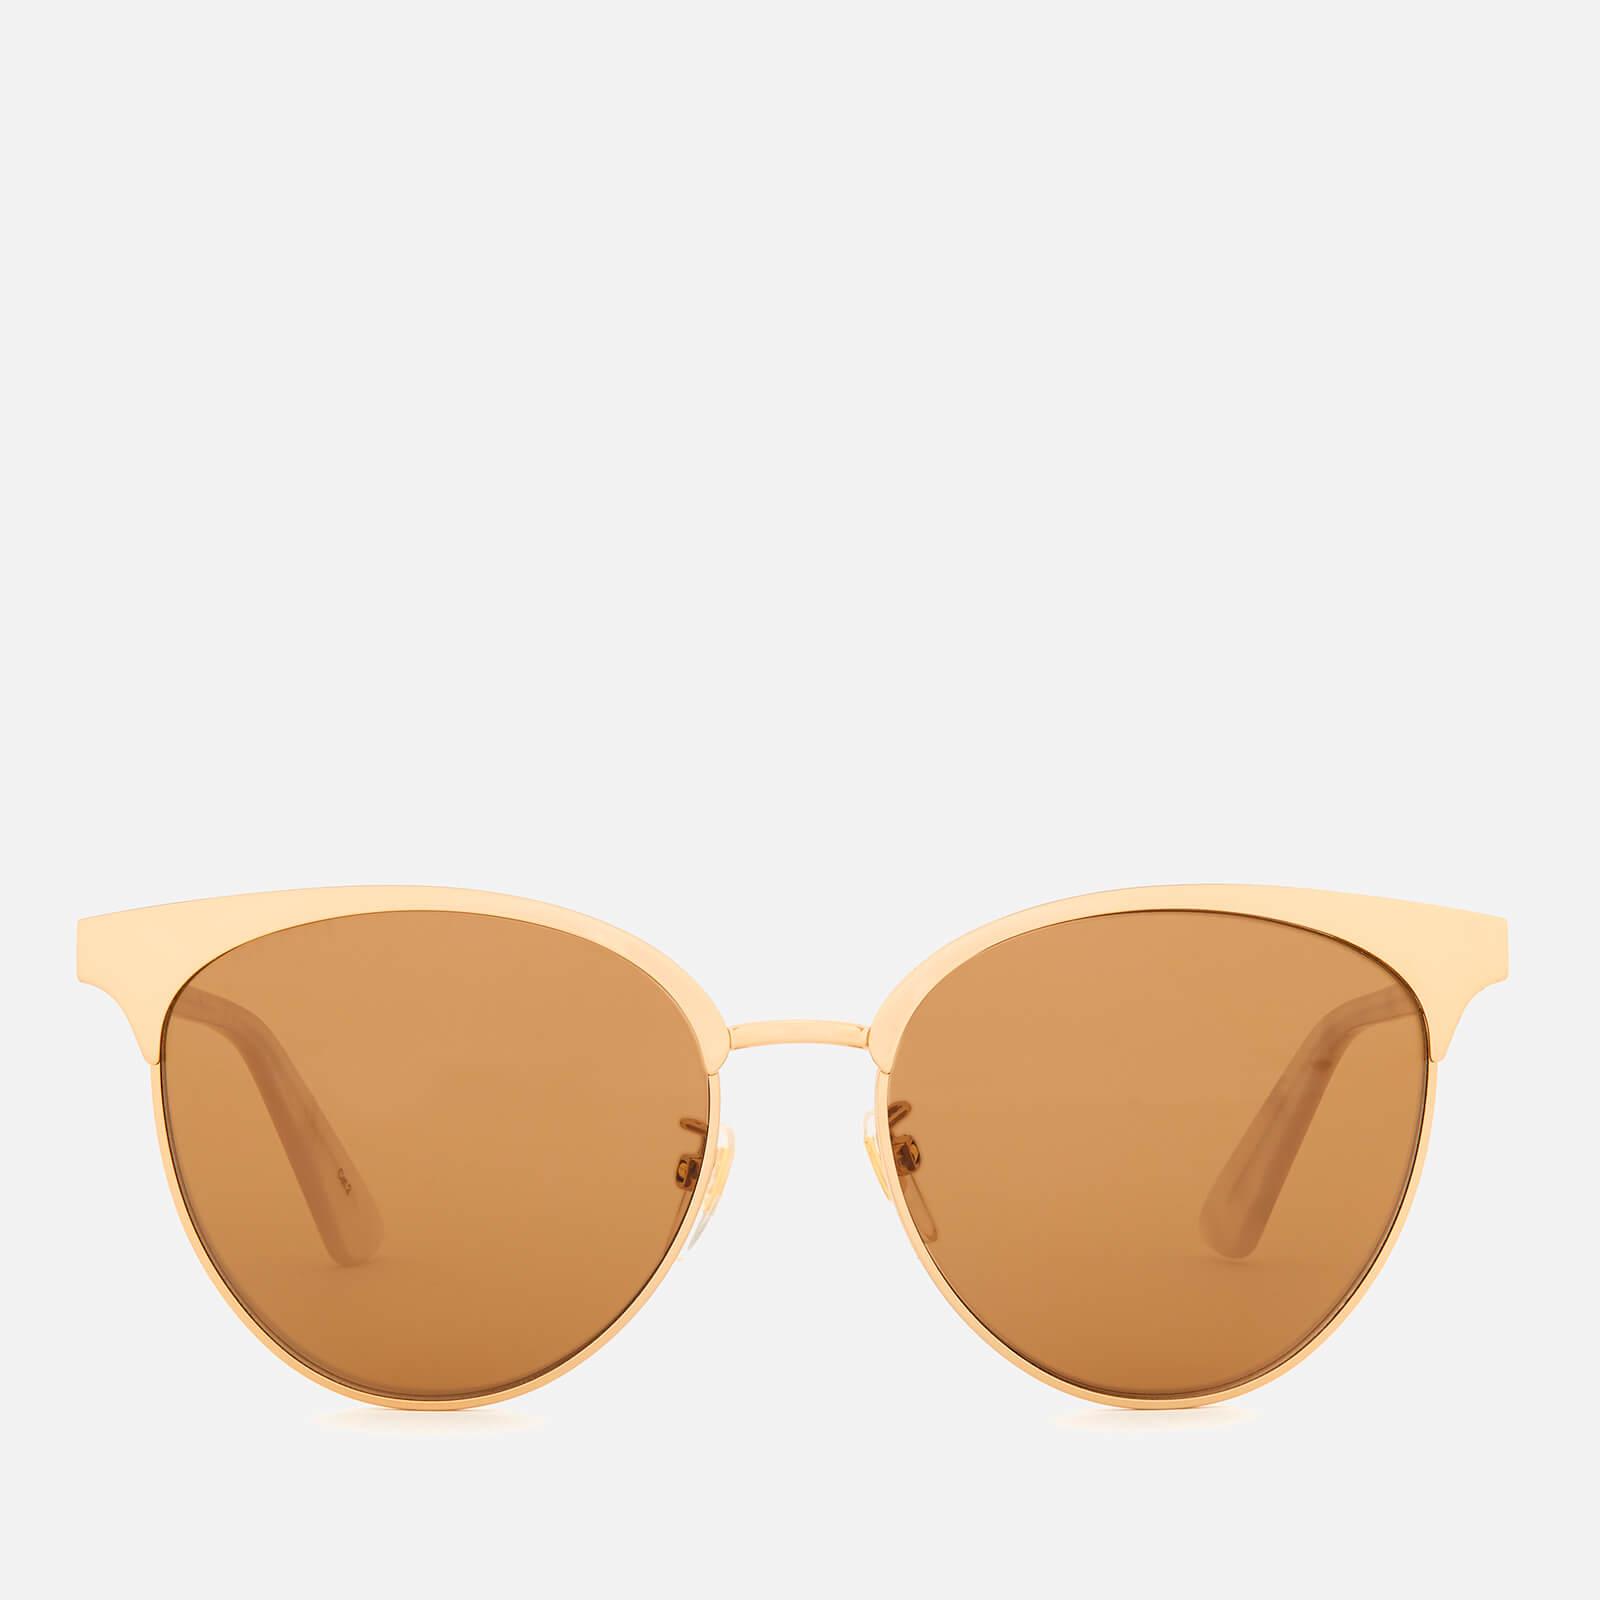 1074541f886f89 Gucci Women s Tri Colour Sunglasses - Gold White Brown - Free UK Delivery  over £50